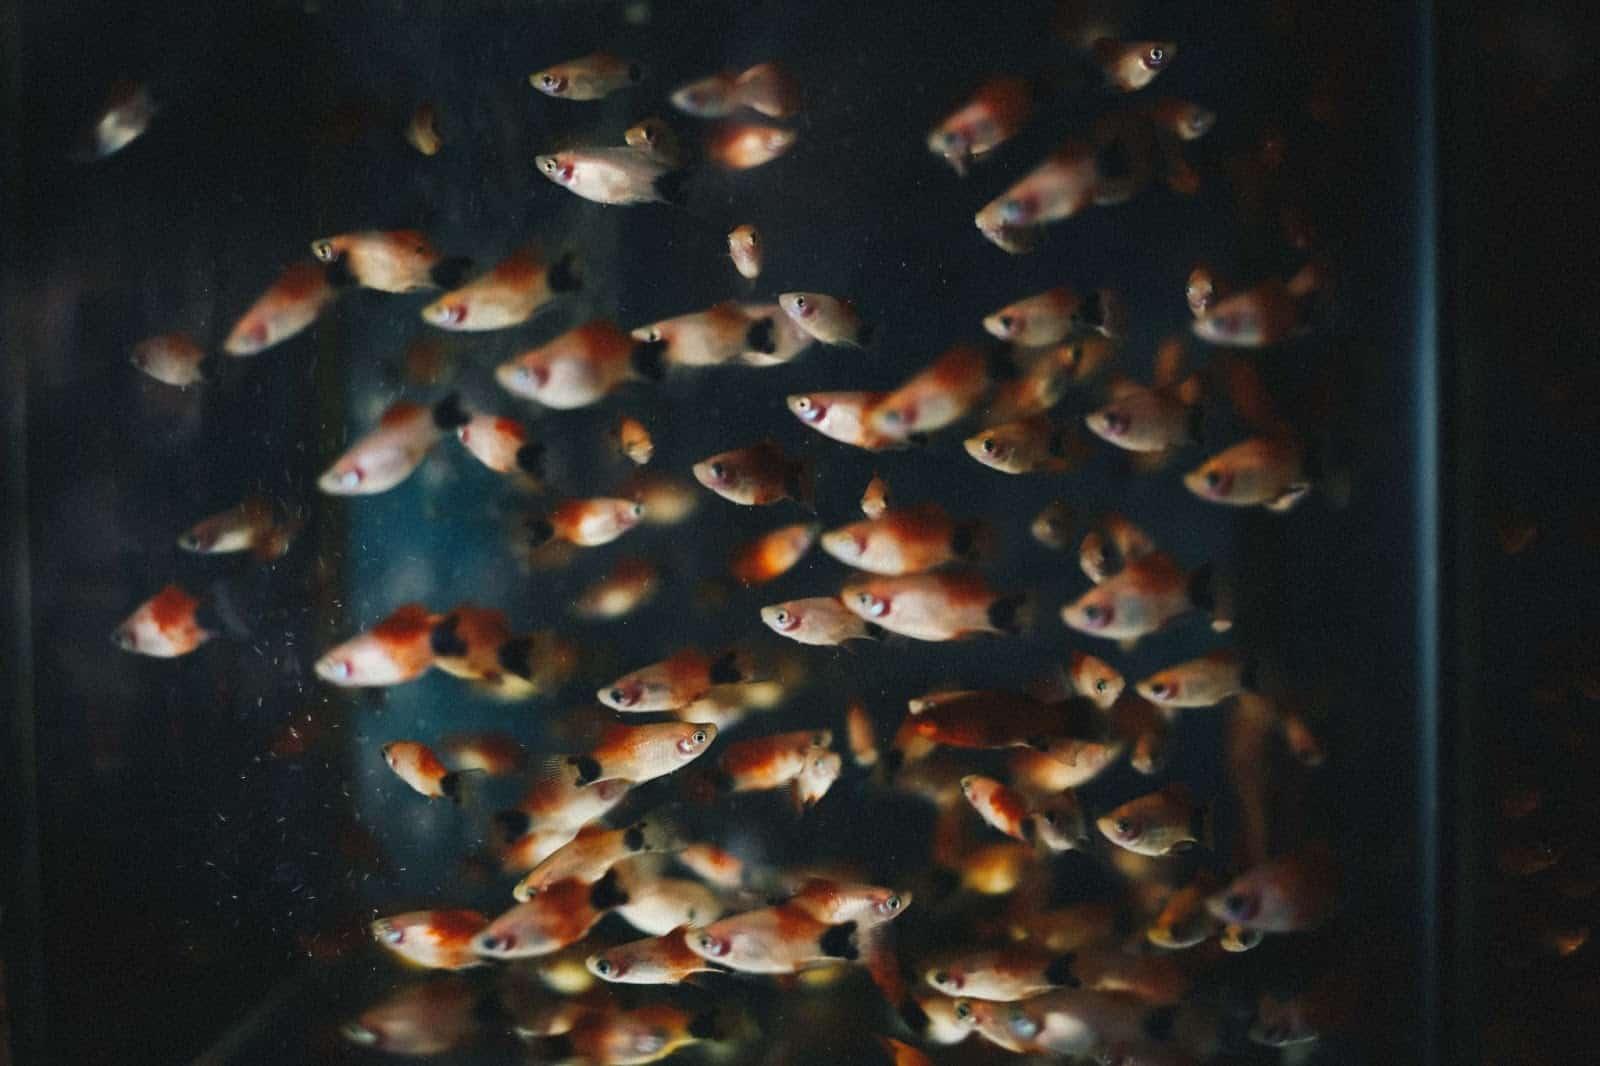 fish in an fish tank